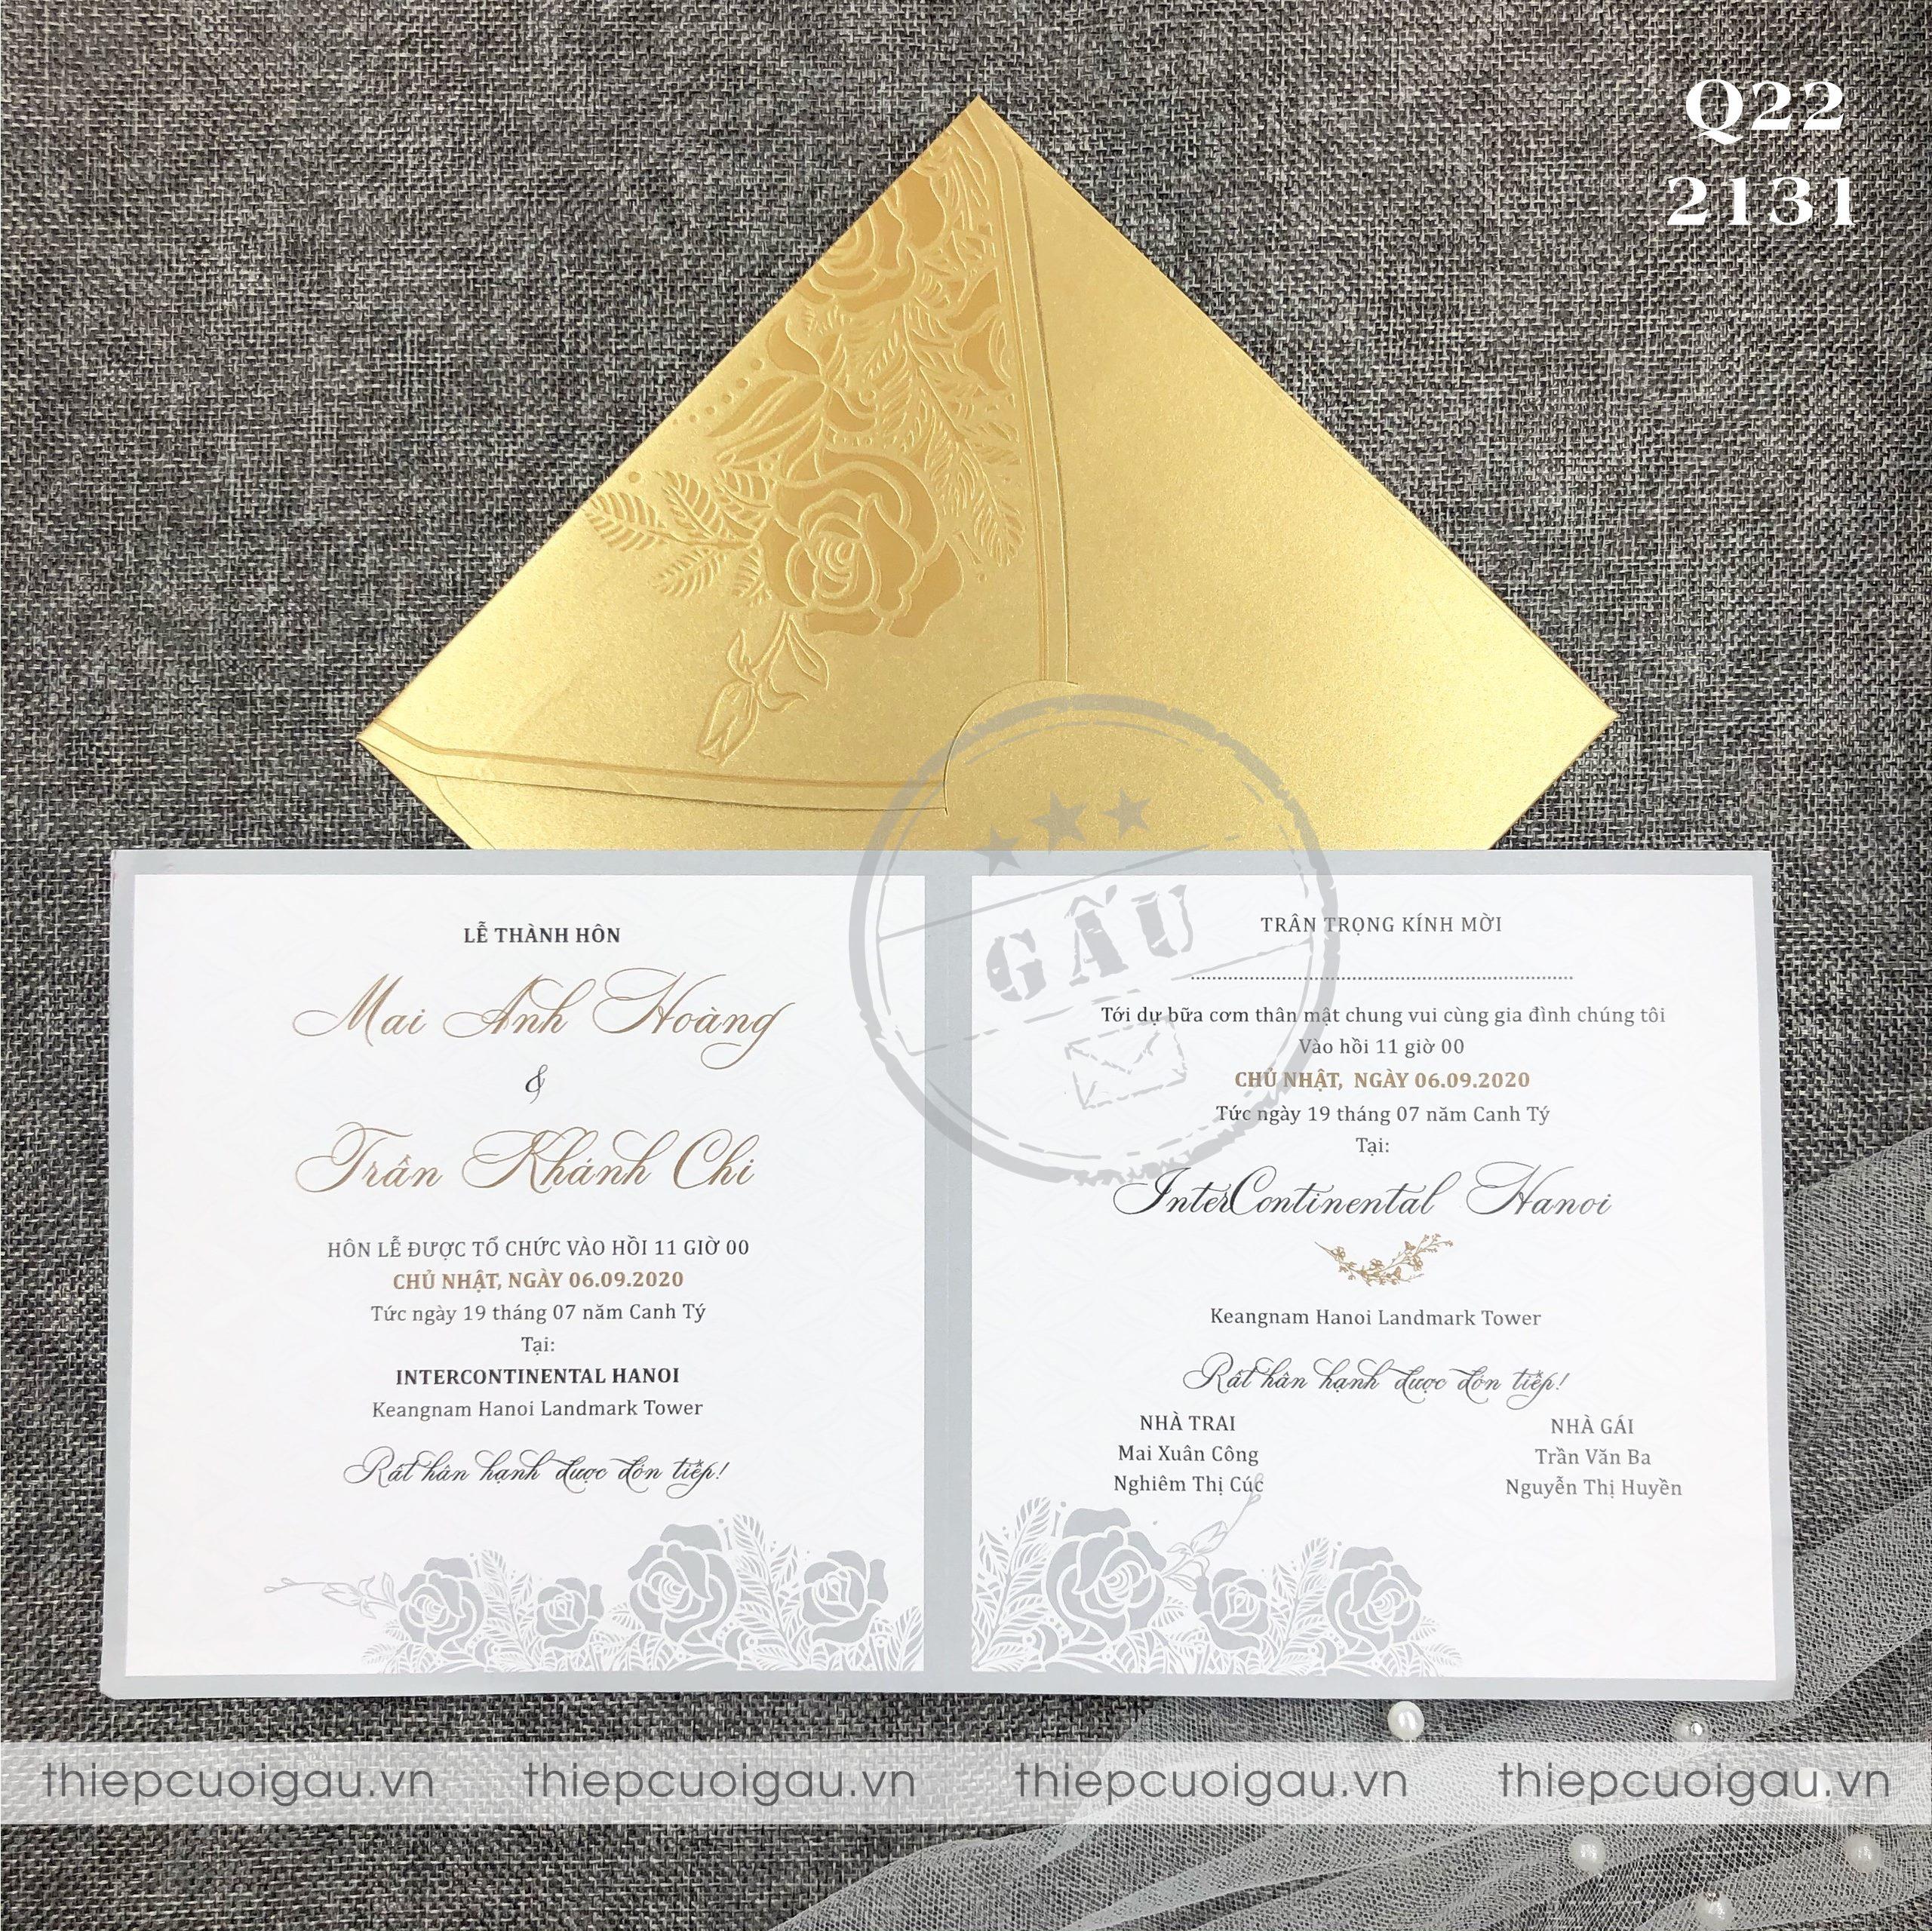 Thiệp cưới Q220